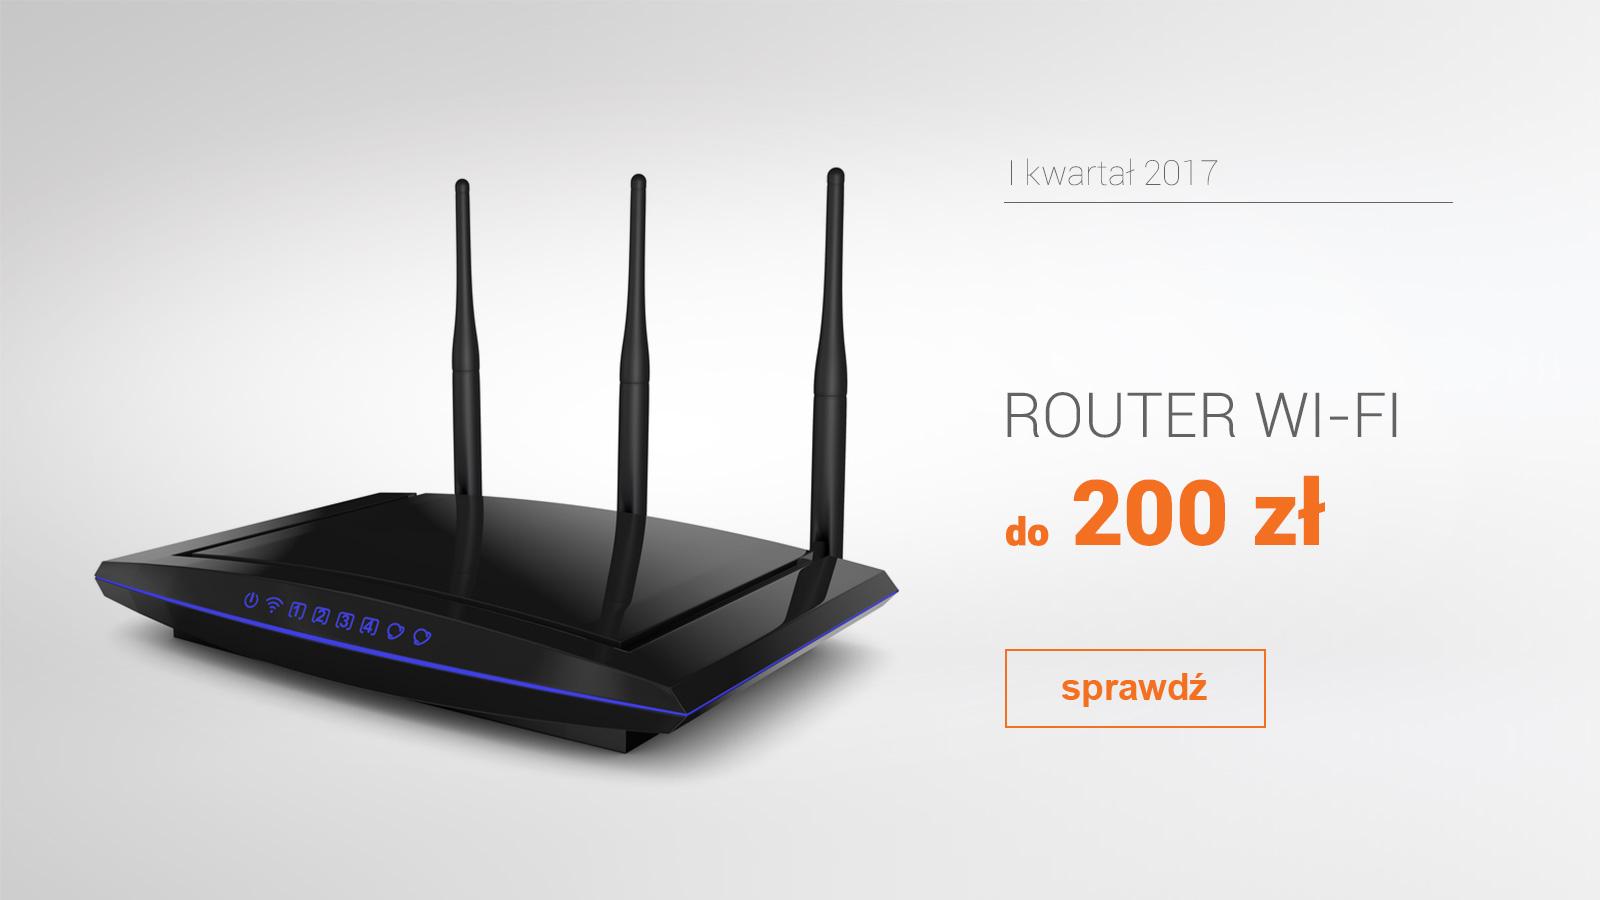 Router Wi-Fi do 200 zł – I kwartał 2017